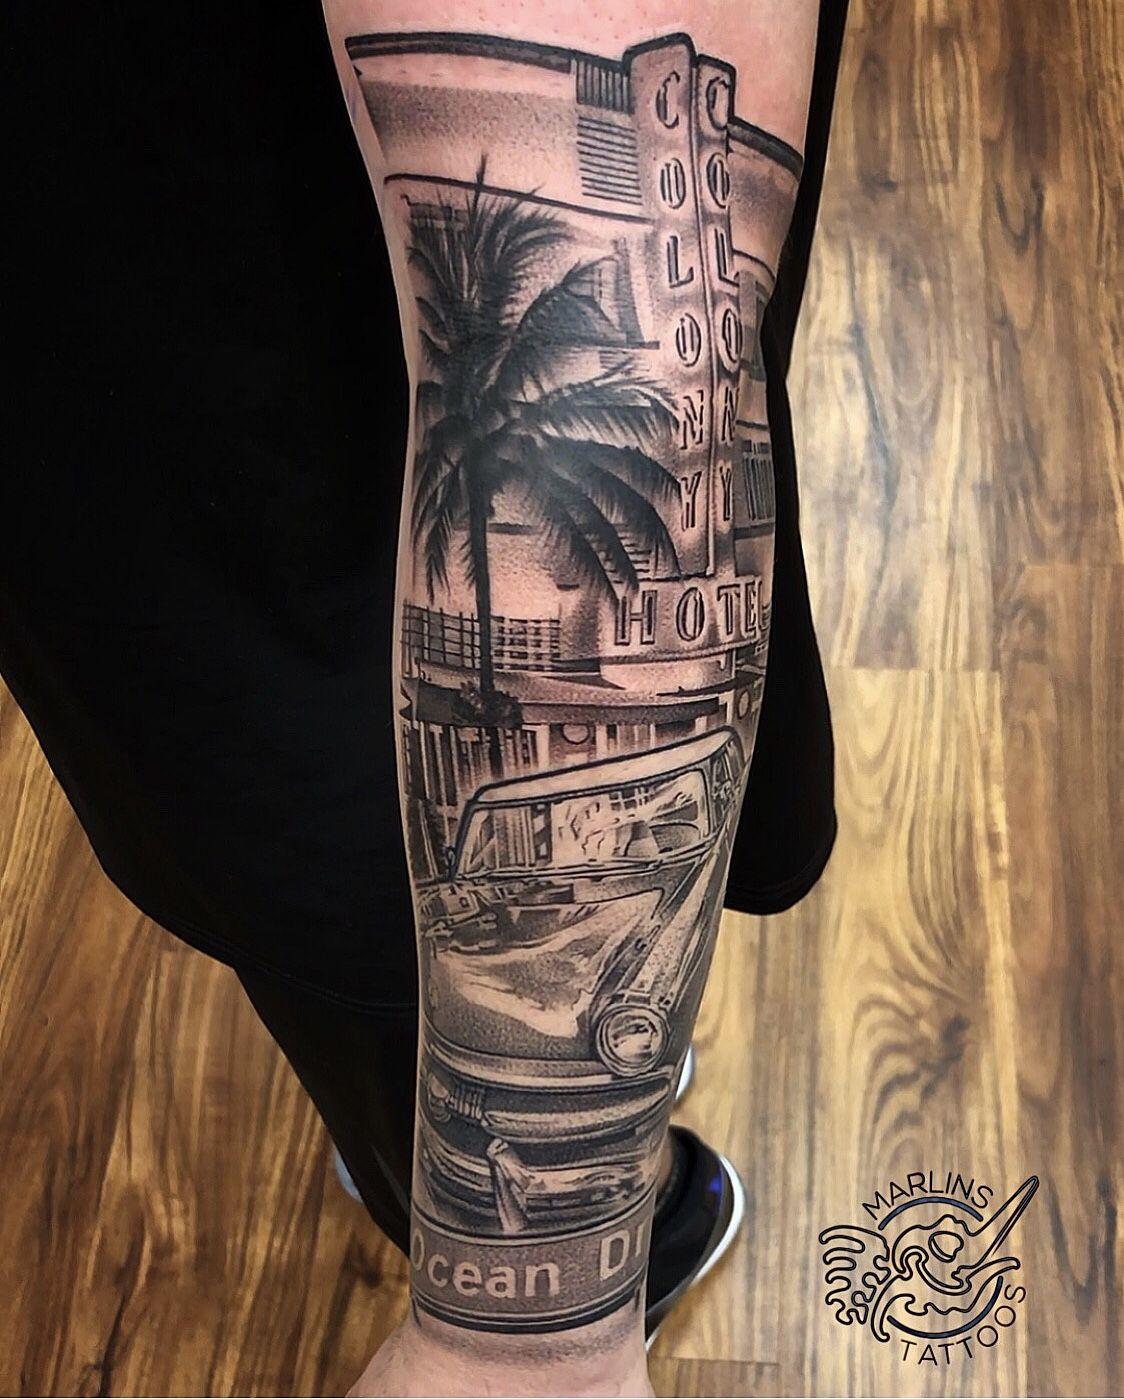 Ocean drive theme Miami tattoo. Realistic single needle technique ...